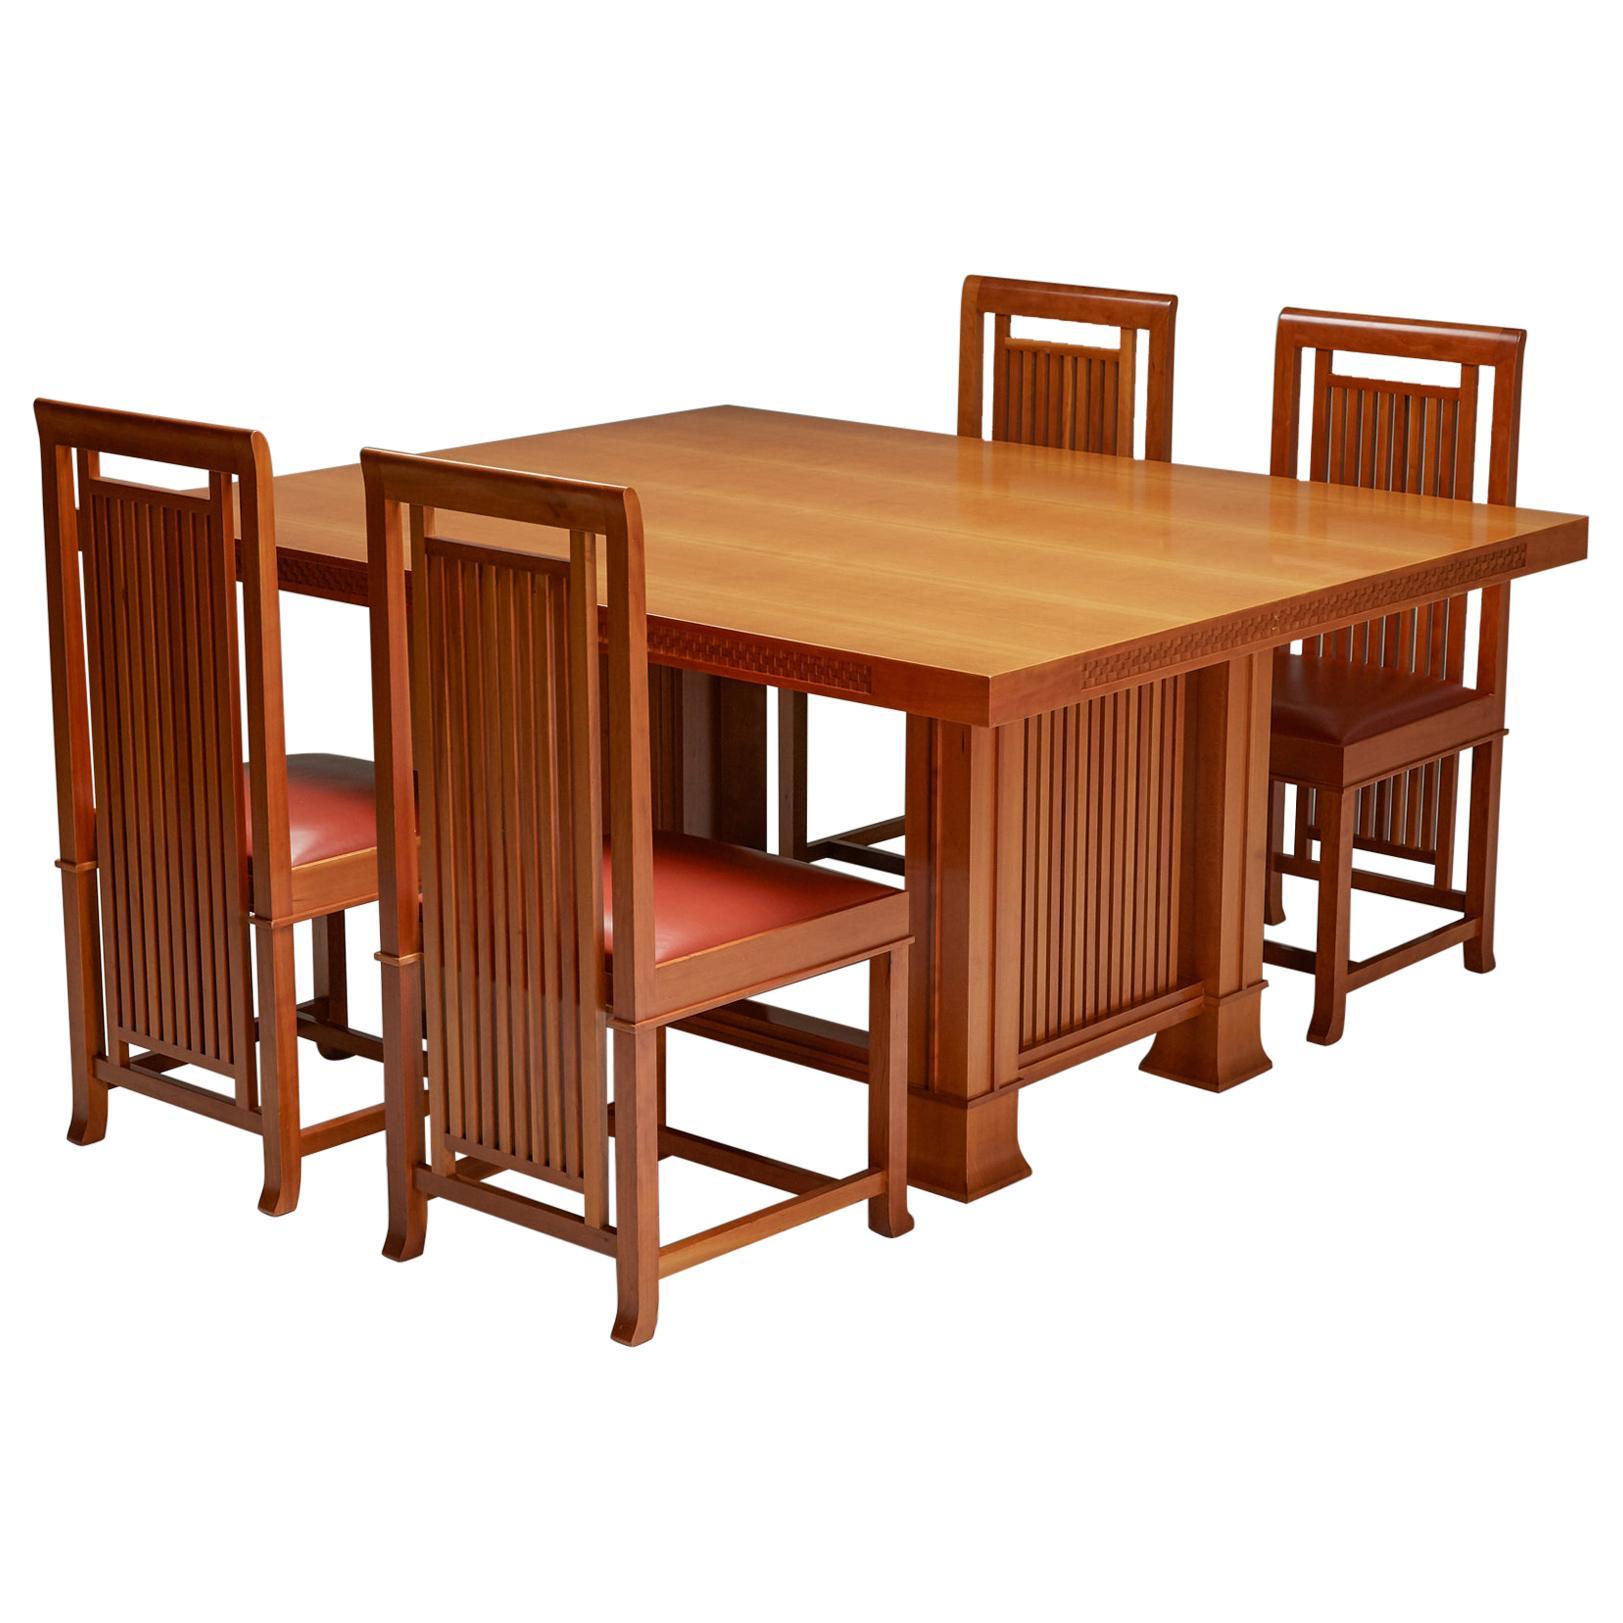 Franklin Lloyd Wright Cassina Dining Room Set